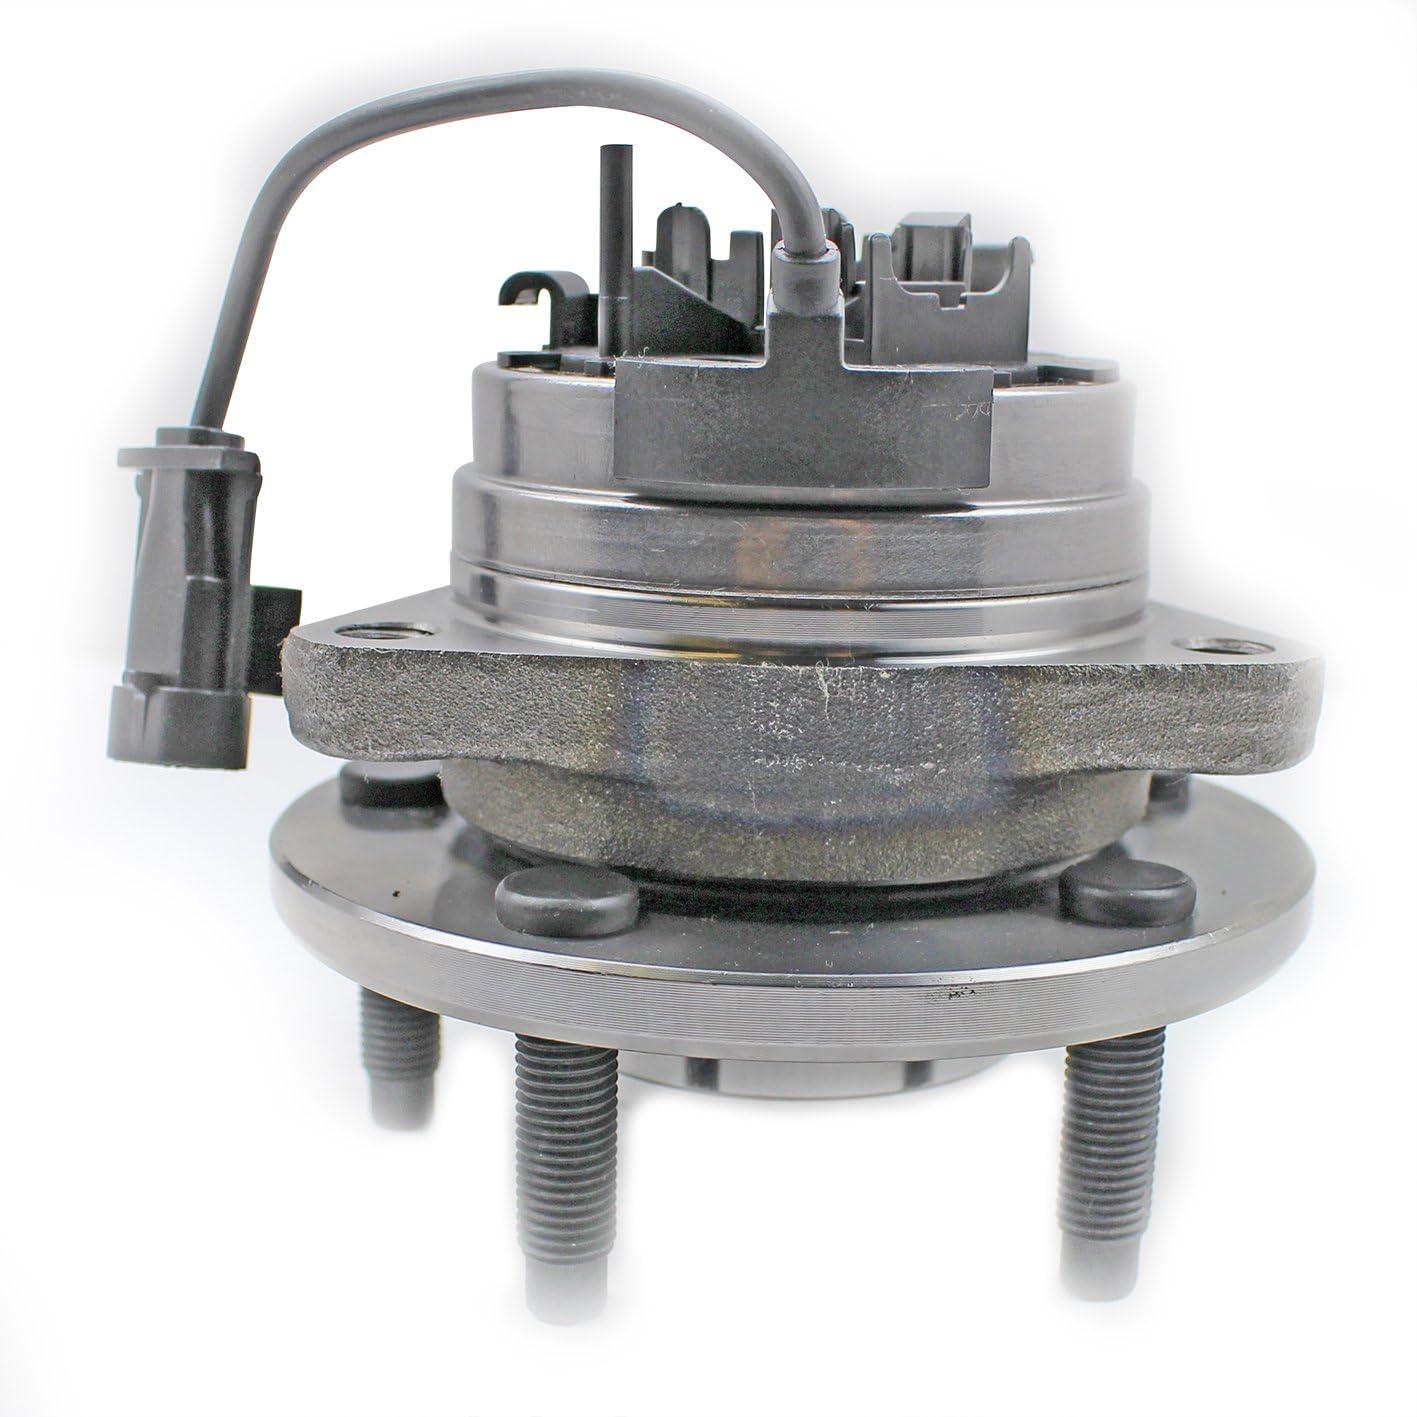 Max 68% OFF CRS NT513214 Wheel Hub Superior Assembly Bearing